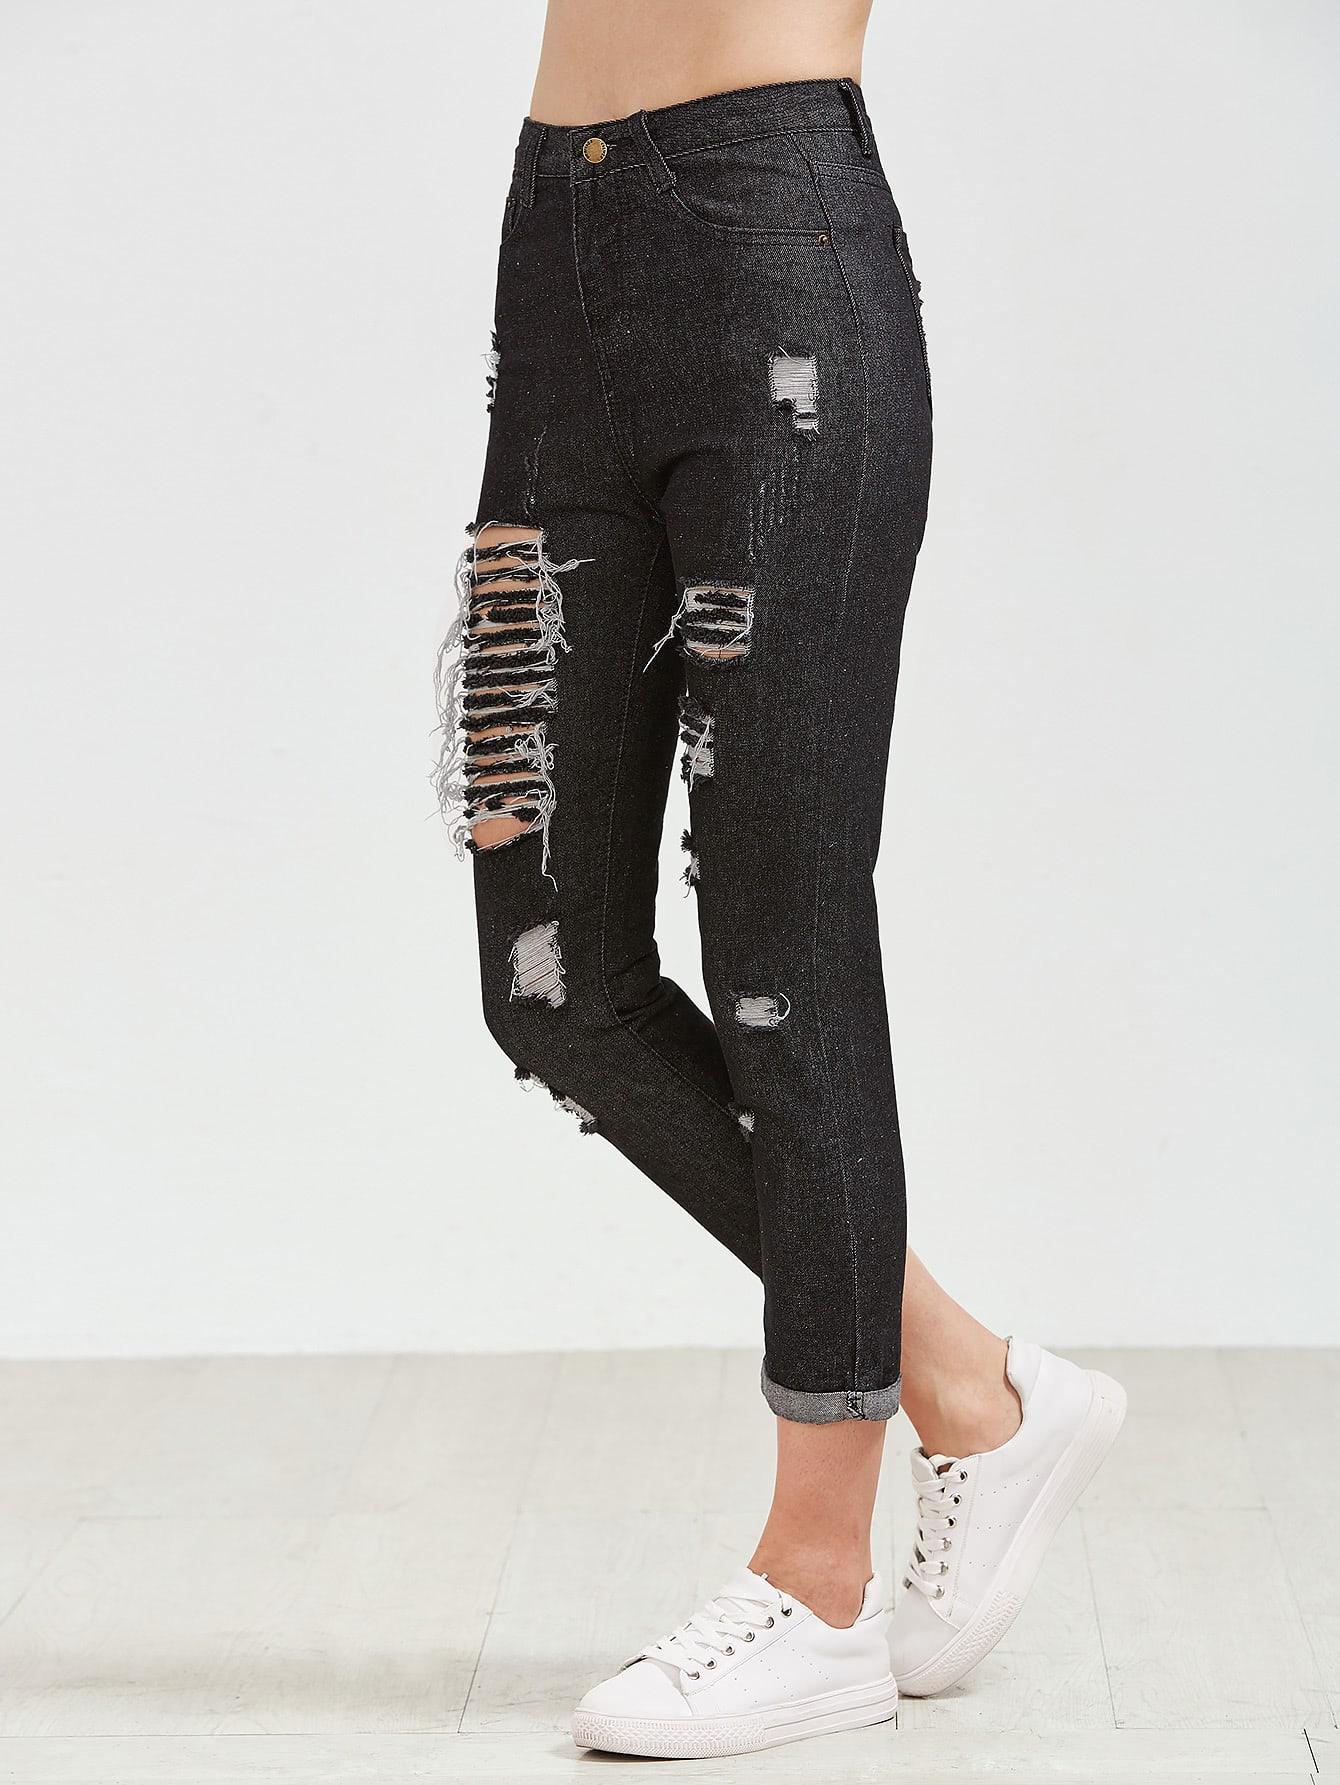 pants170216001_2